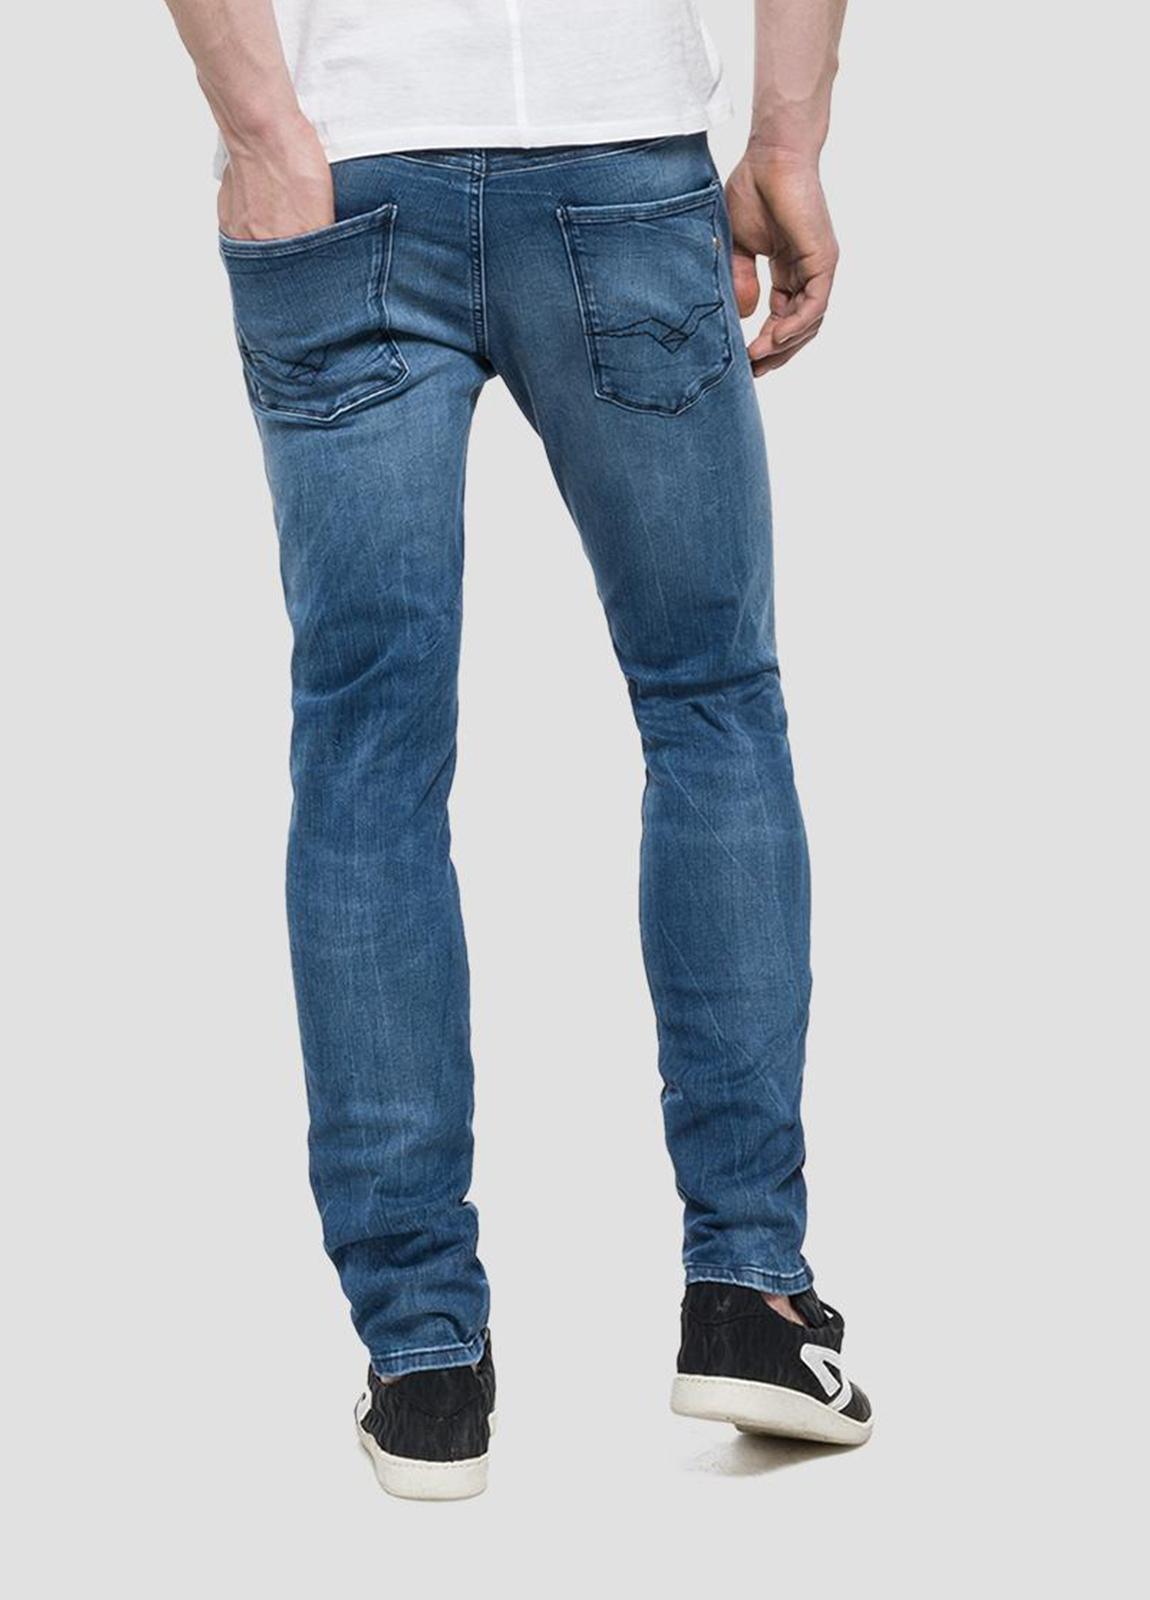 Pantalón tejano 11,5 oz SLIM 914 ANBASS color azul medio lavado. 85% Algodón 10% Poliéster 5% Elastáno. - Ítem2